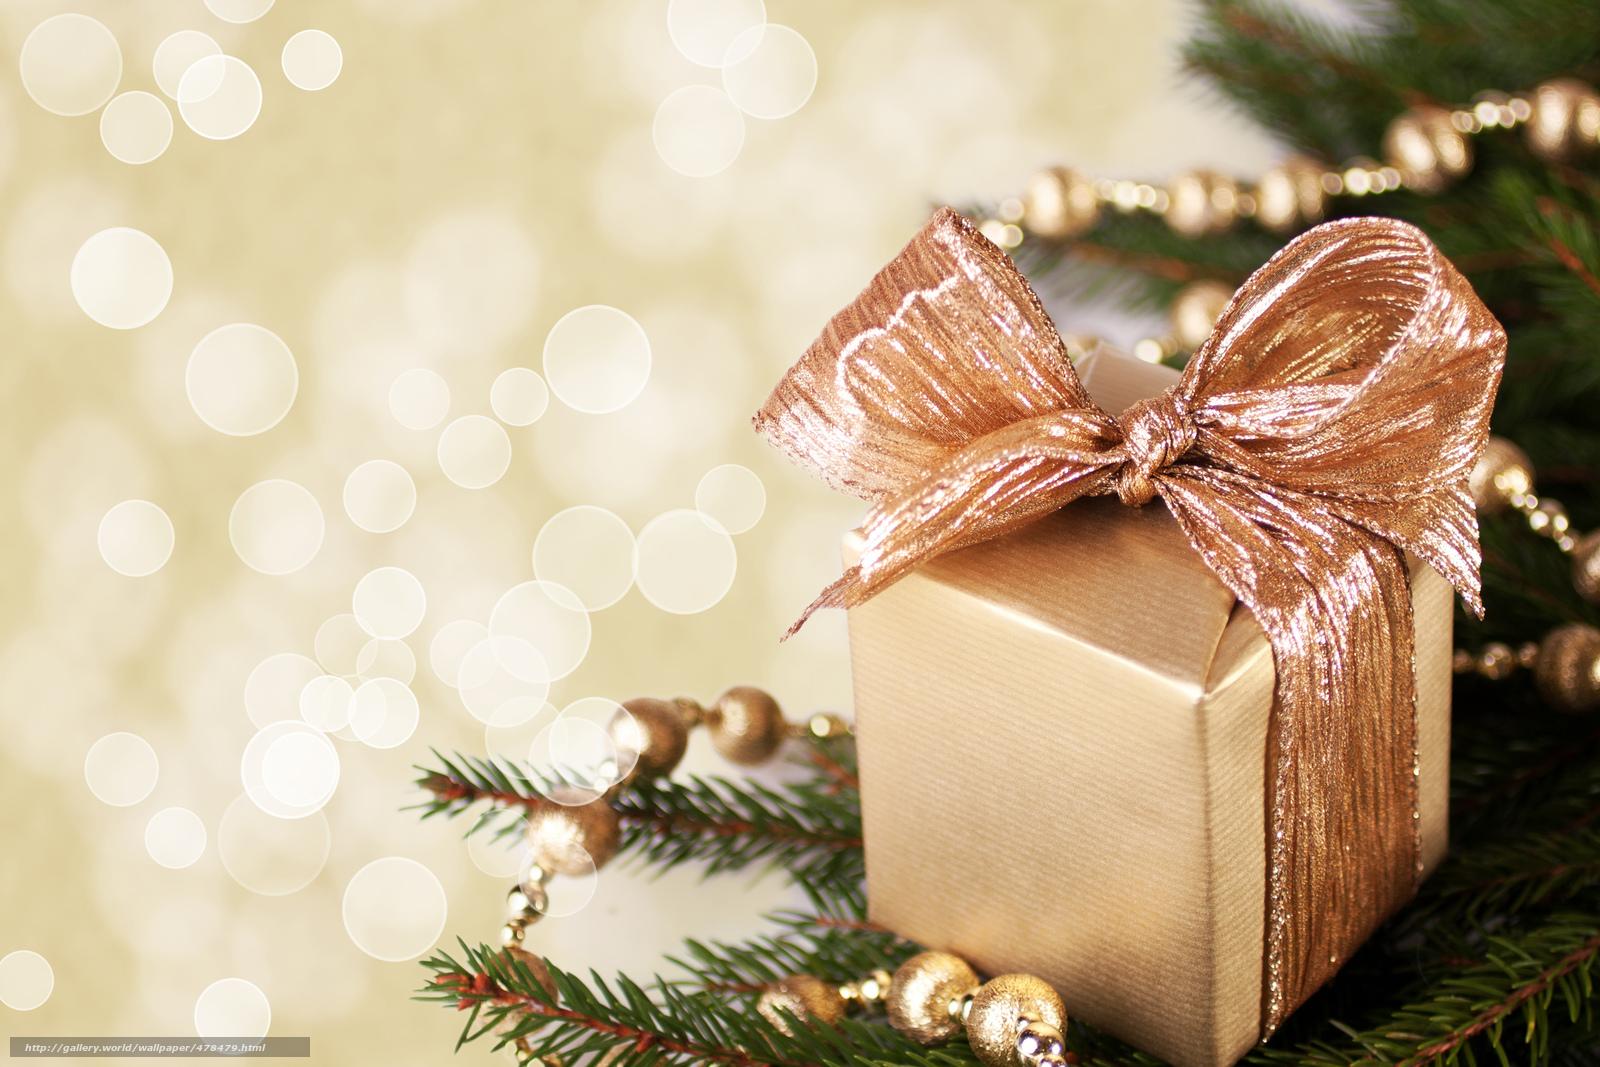 Скачать обои подарок,  коробочка,  коробка,  золотая бесплатно для рабочего стола в разрешении 7068x4712 — картинка №478479